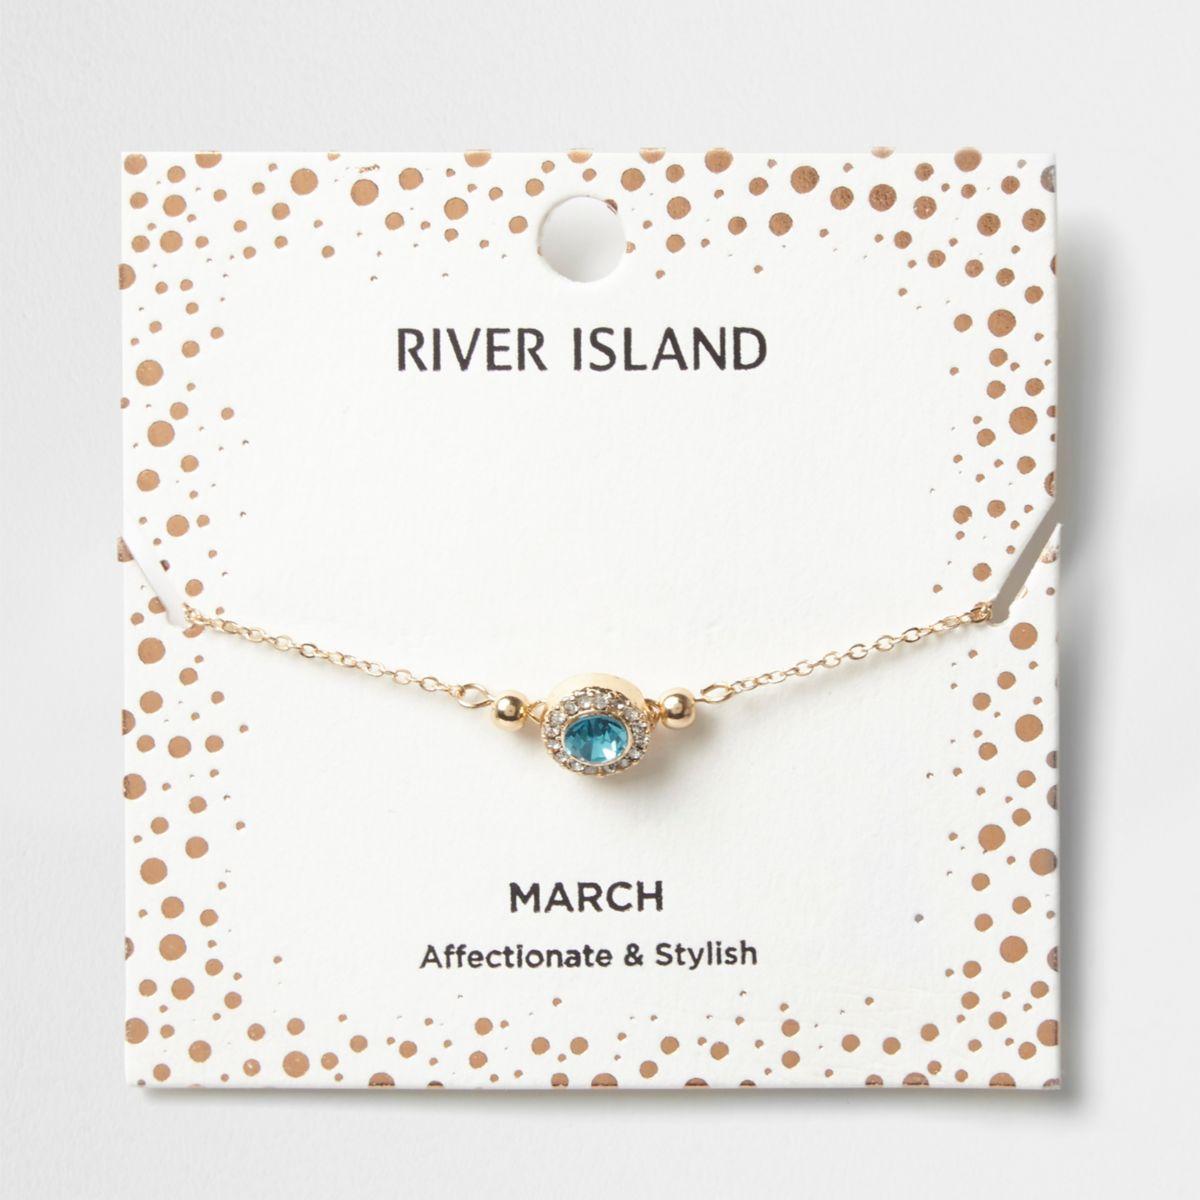 Armband mit blauem Geburtsstein des Monats März